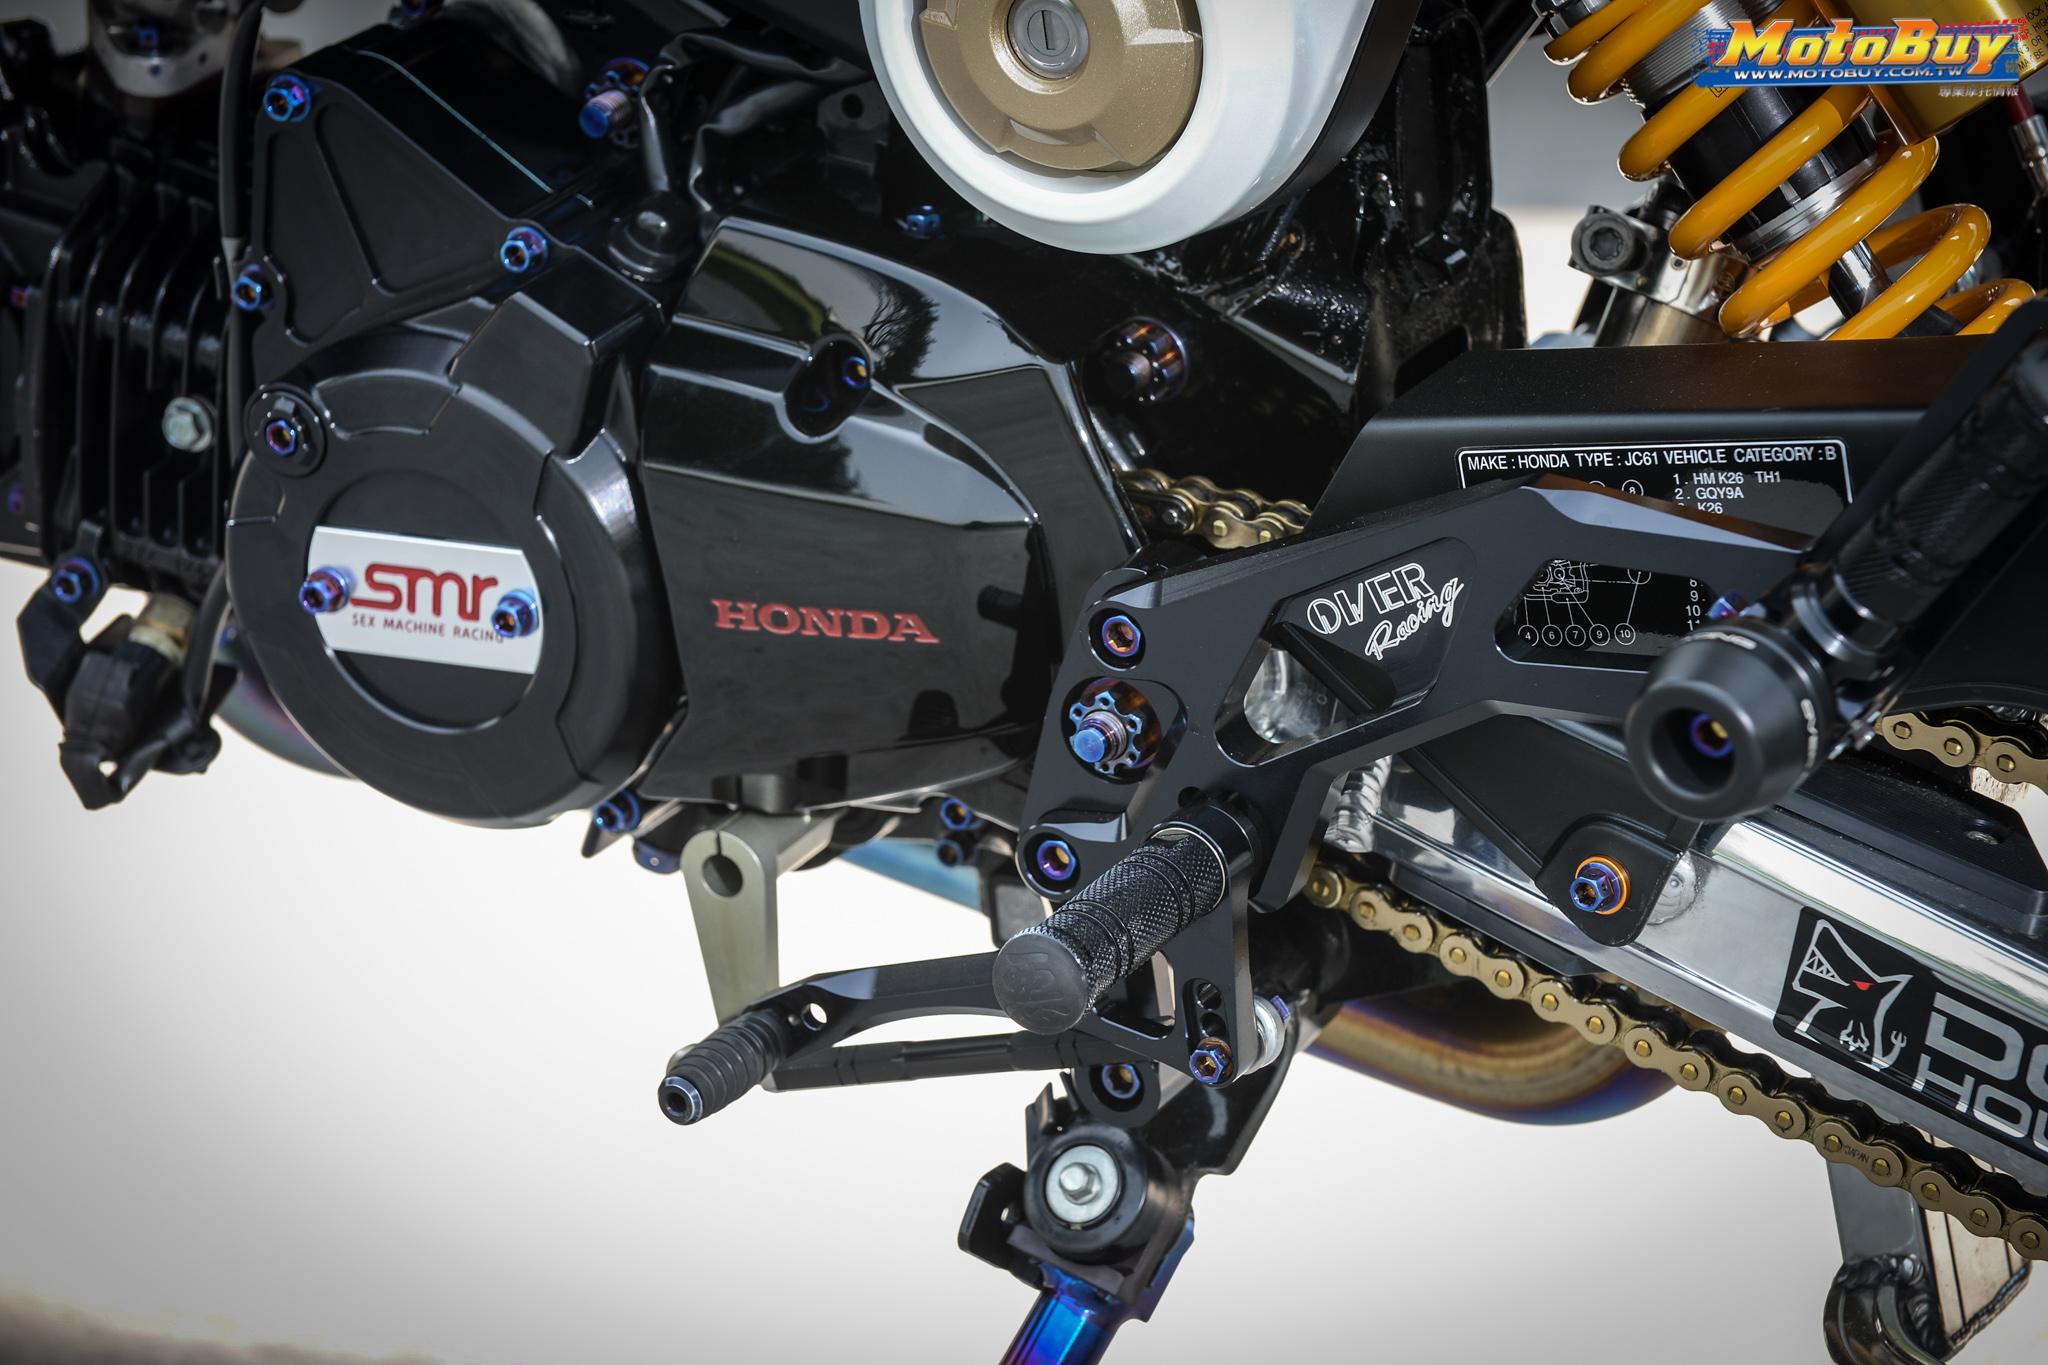 [夯車分享] 短小精幹小鋼炮 HONDA MSX 125 | MotoBuy